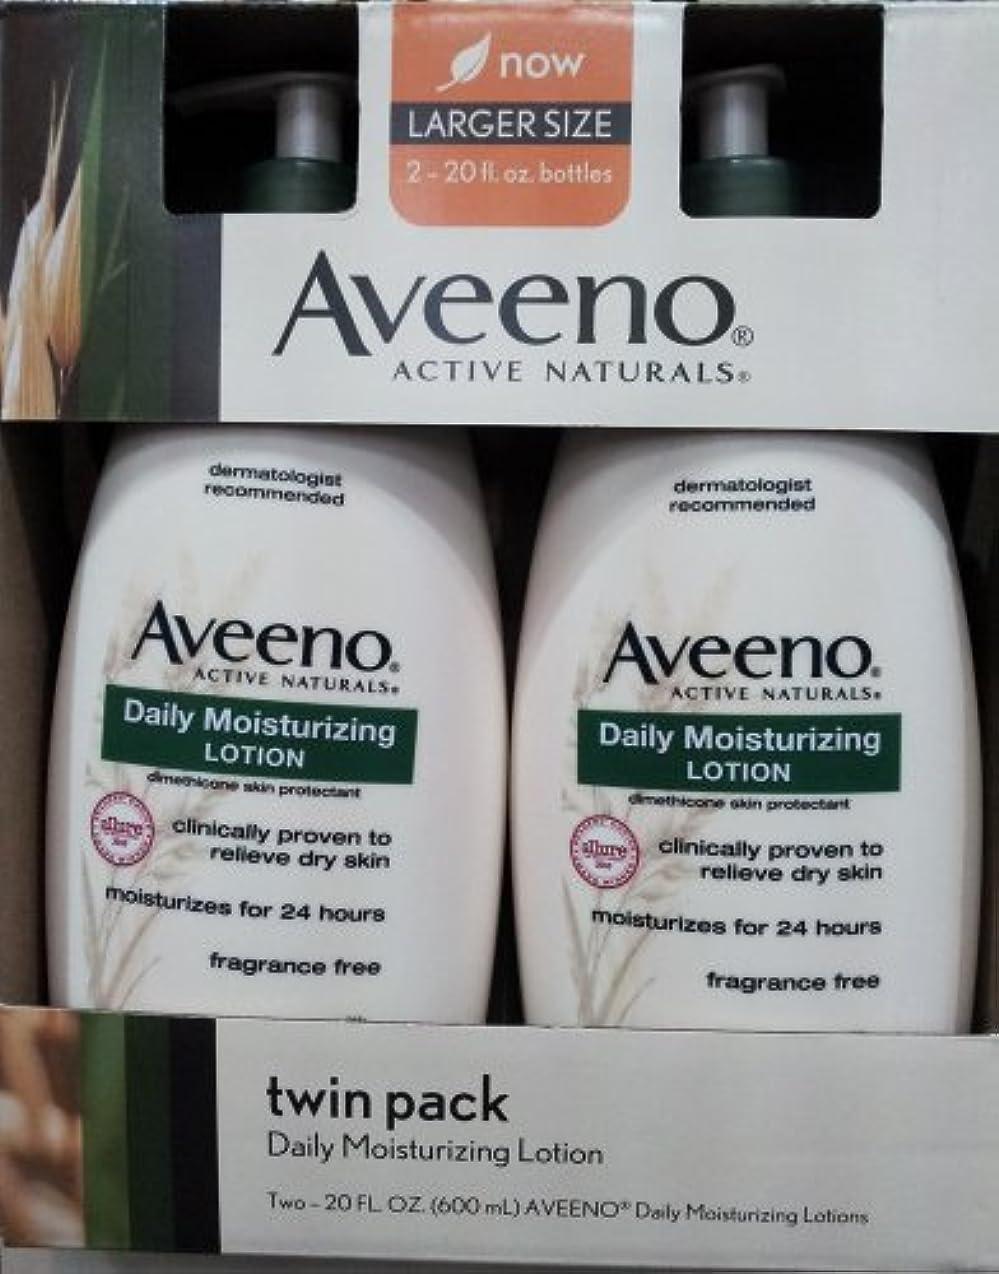 デンマーク語スパイラル解釈的Aveeno Active Naturals Daily Moisturizing Lotion, NEW 2 pack of 20 FL oz Pump [並行輸入品]